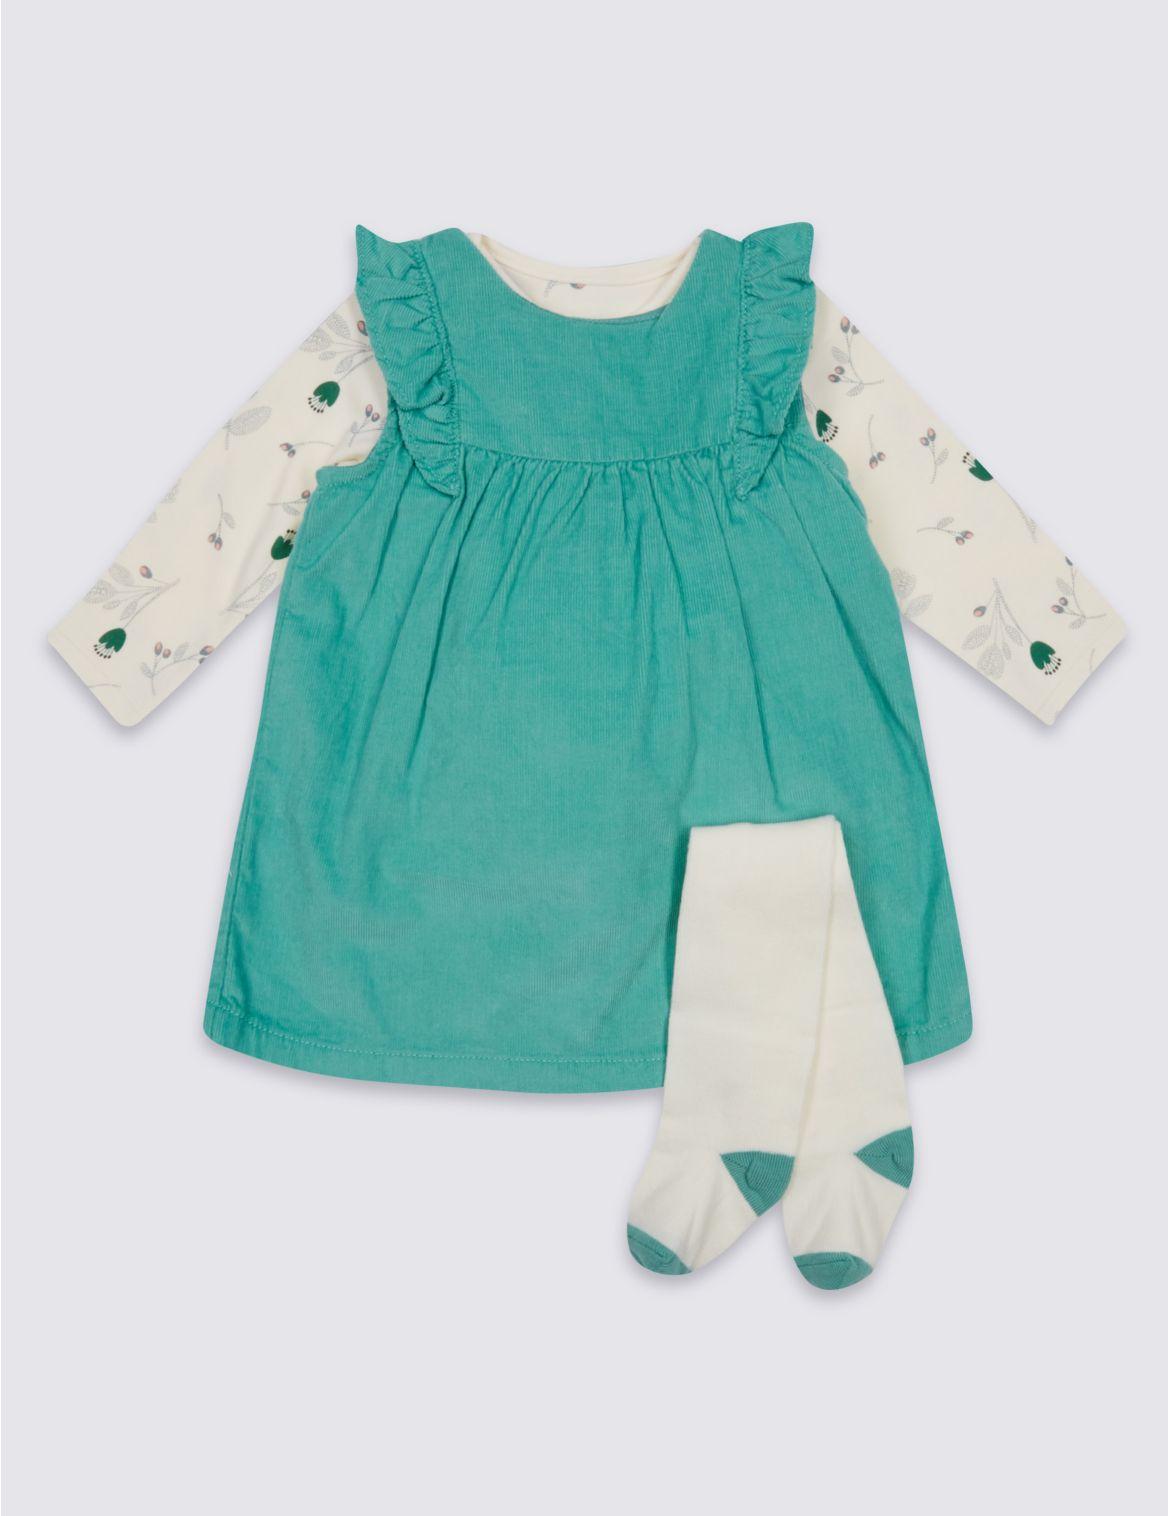 3delige outfit van jurkje